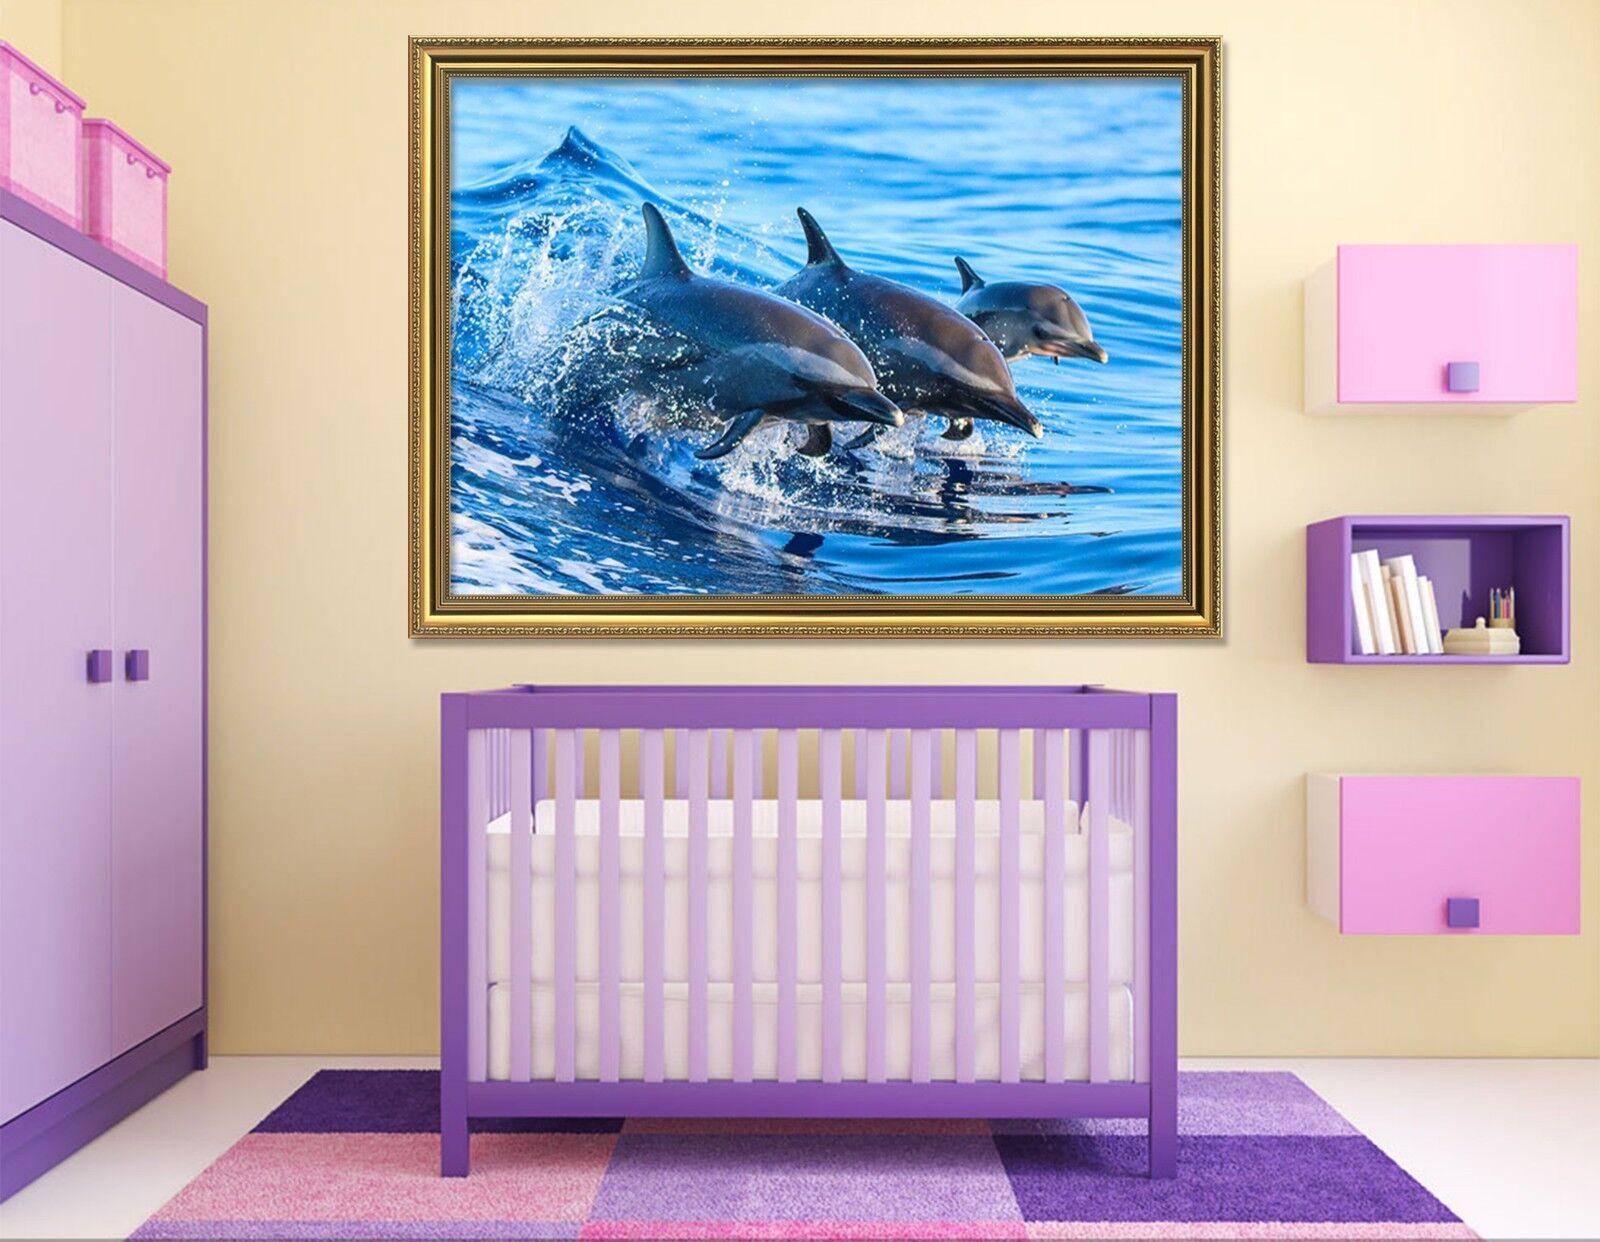 3d acquario tre delfini 3 incorniciato Poster a casa Decorativa Stampa Pittura Arte AJ